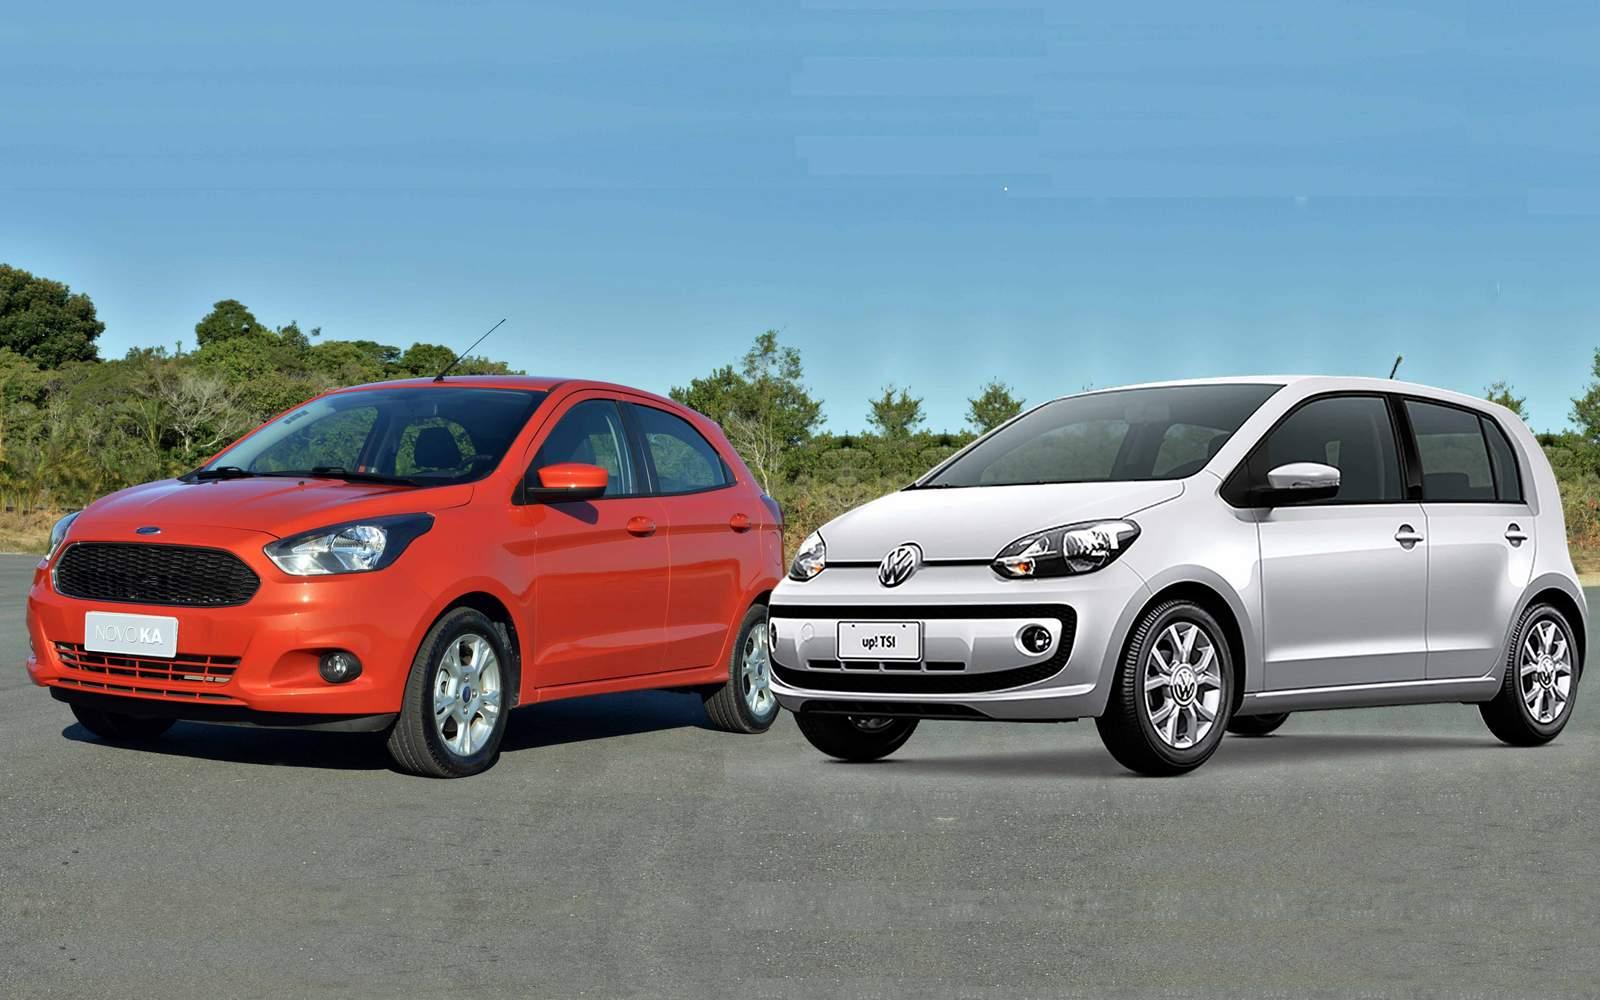 Ford Ka Problemas Com   Km X Vw Up Com   Km